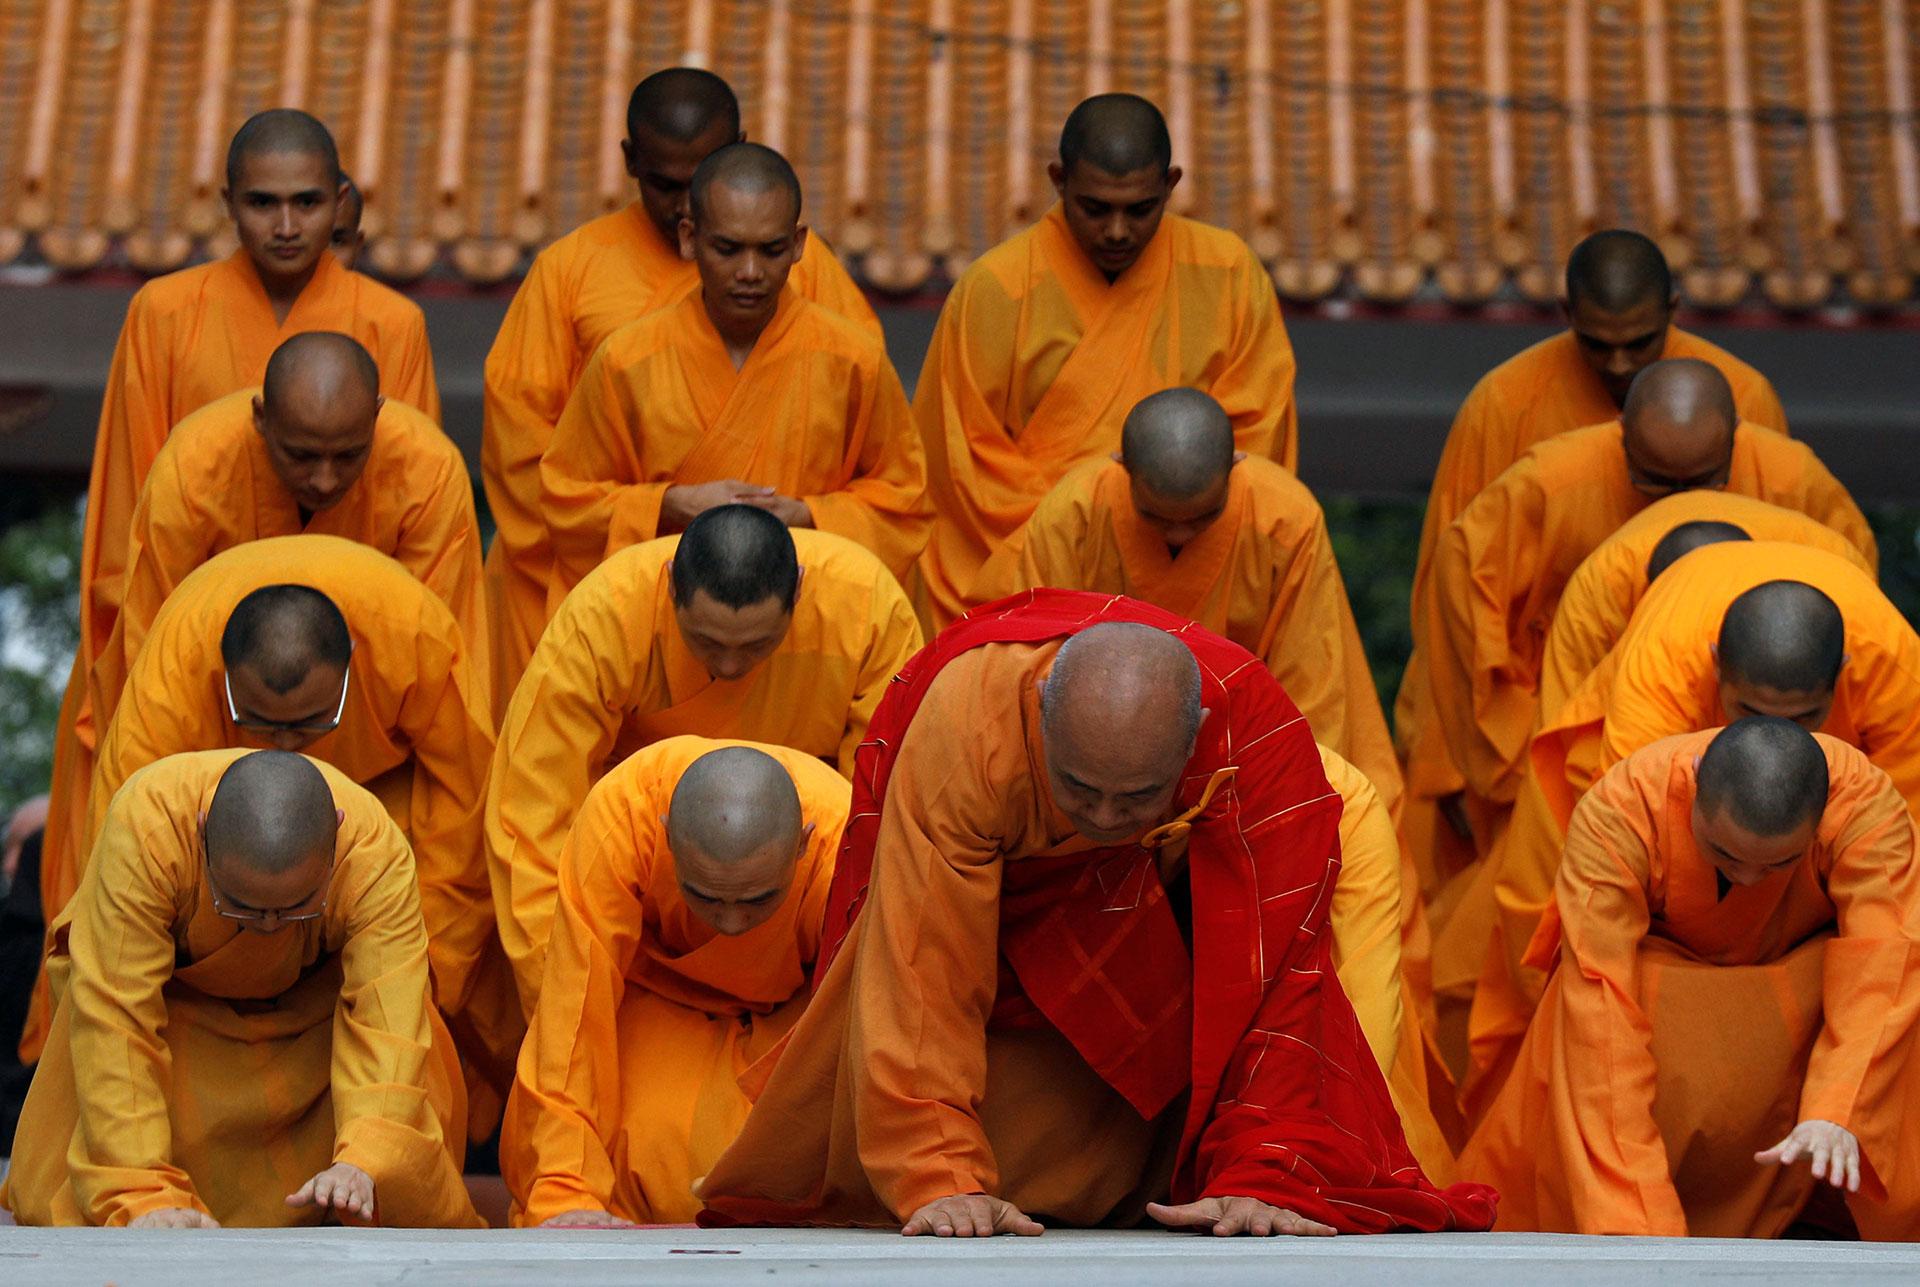 Monjes budistas postrados en un monasterio en Singapur el 9 de mayo de 2017. (Reuters)